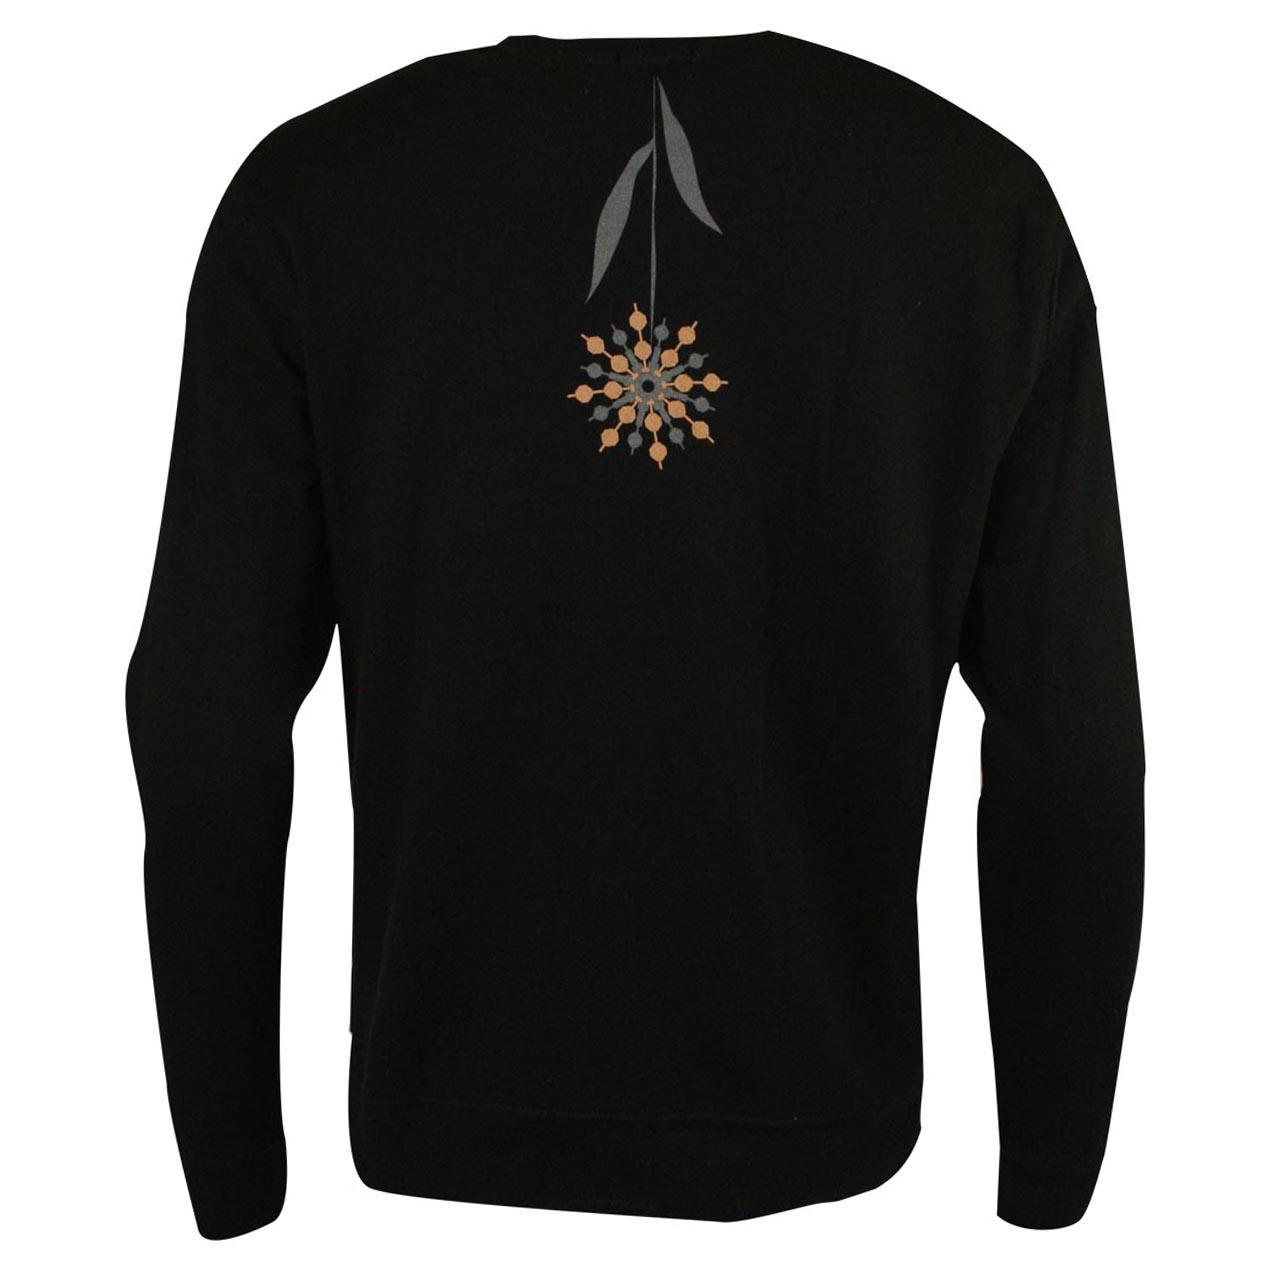 Sweatshirt Fernsehturm Blumen schwarz